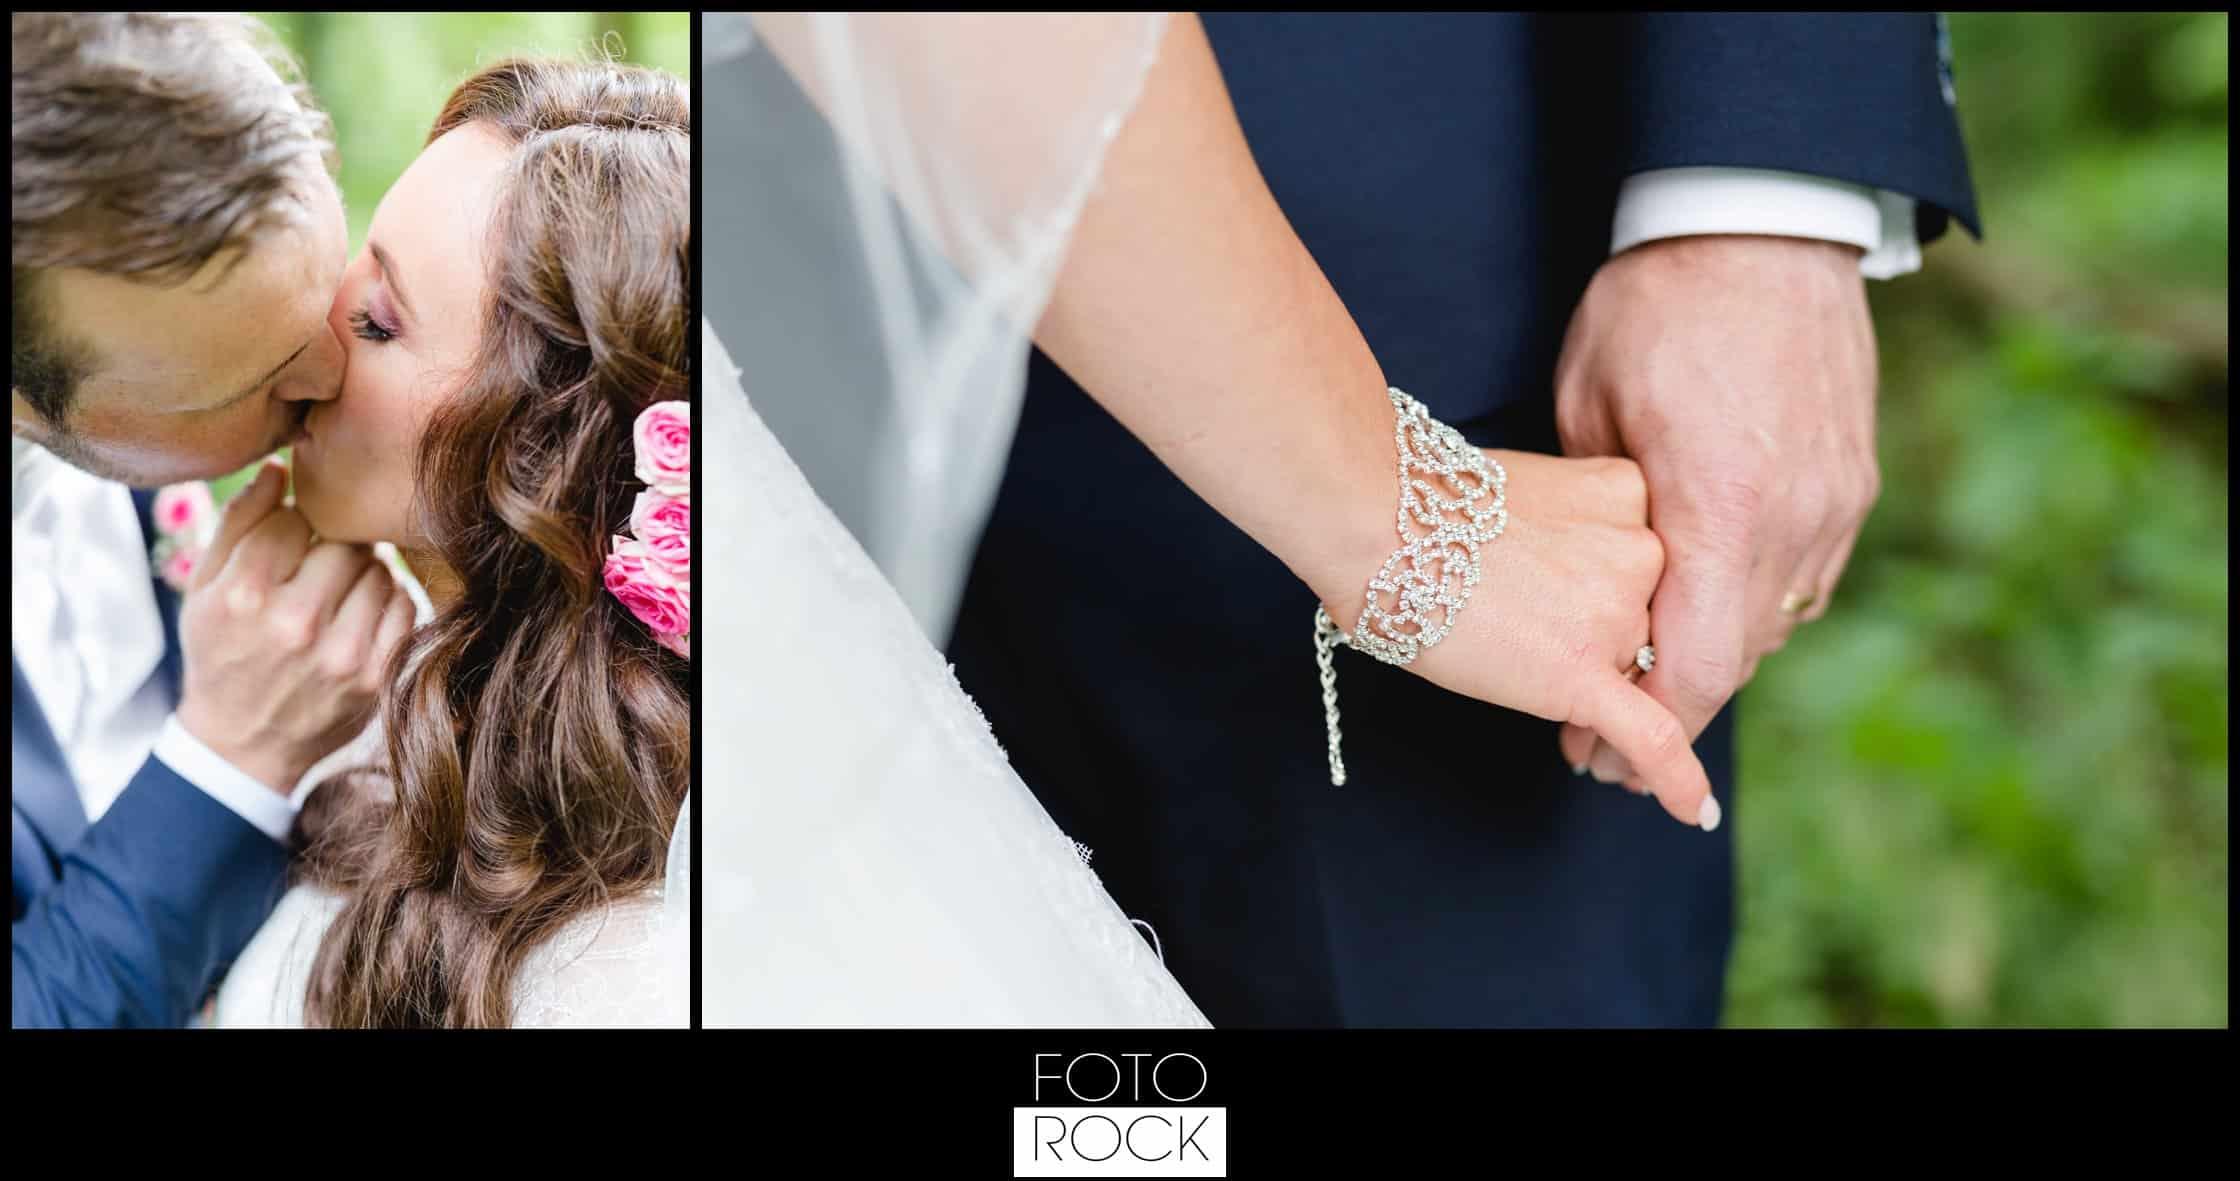 Hochzeit Lilienhof Ihringen Fotoshooting Photoshooting Brautpaar Kuss Wald